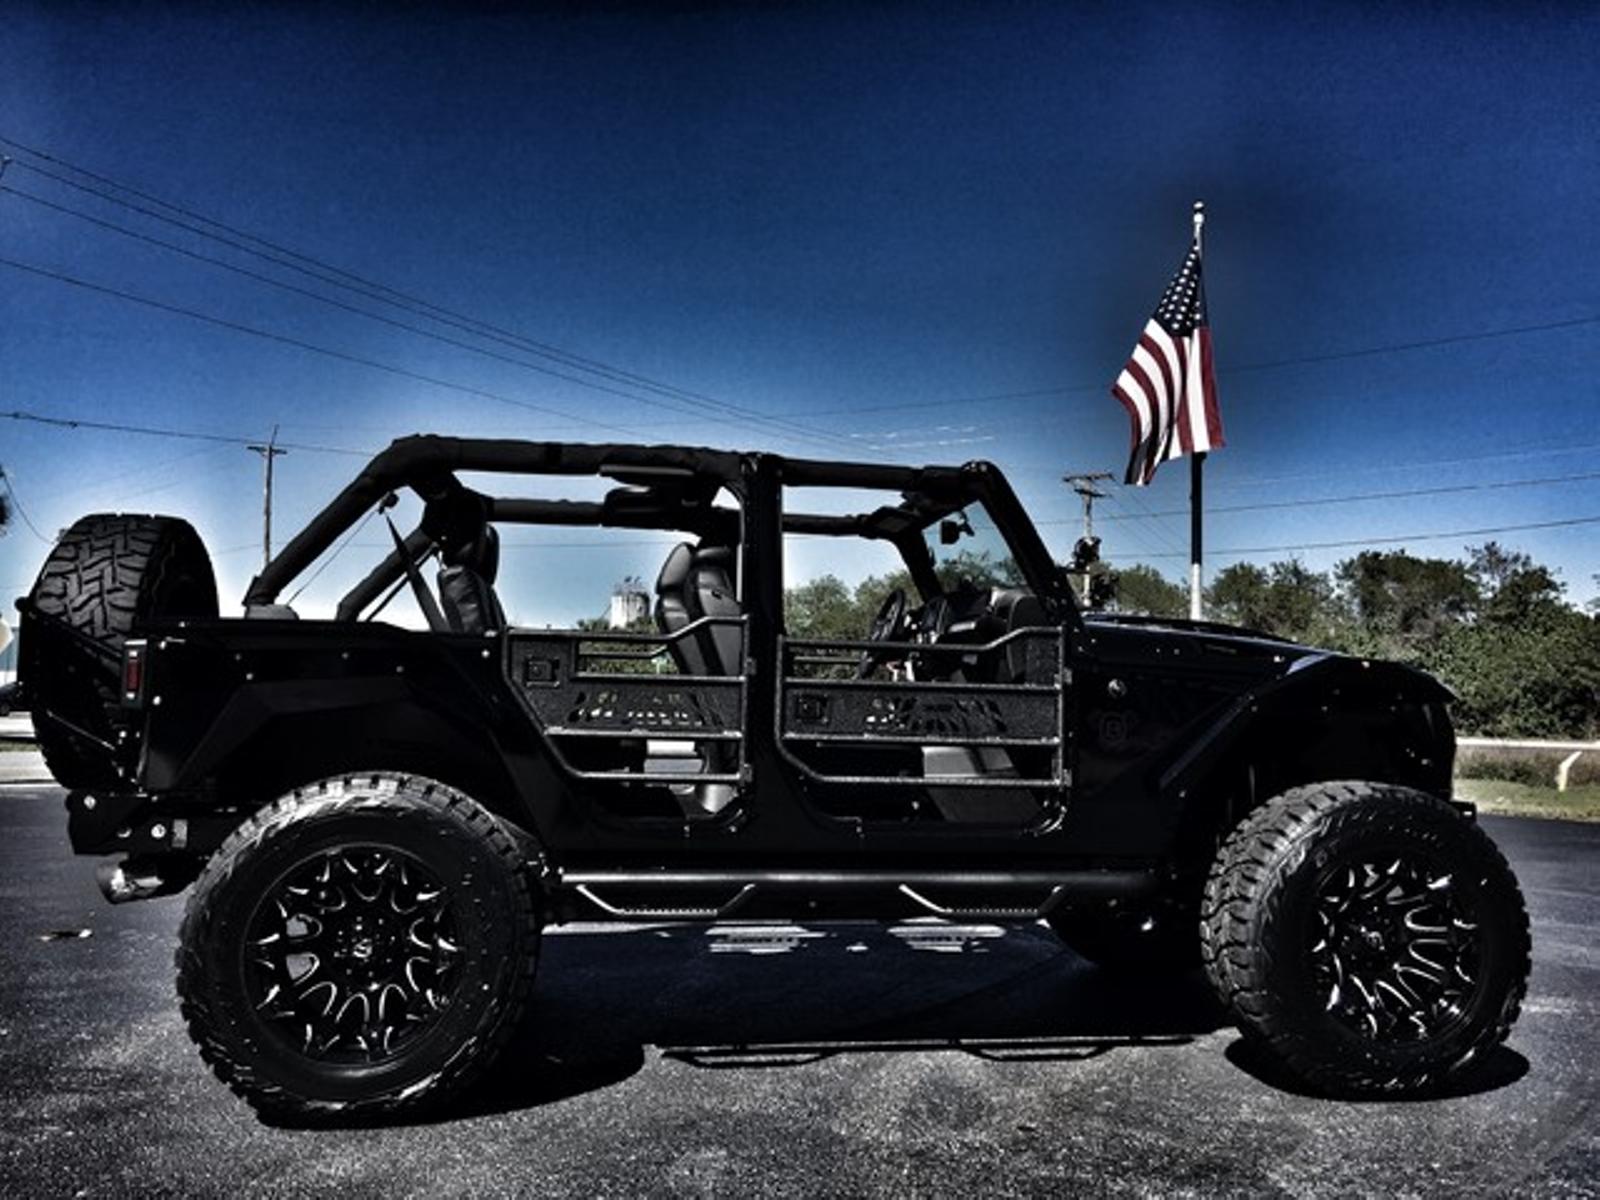 2017 Jeep Wrangler Unlimited Rubicon Grumper 37s Florida